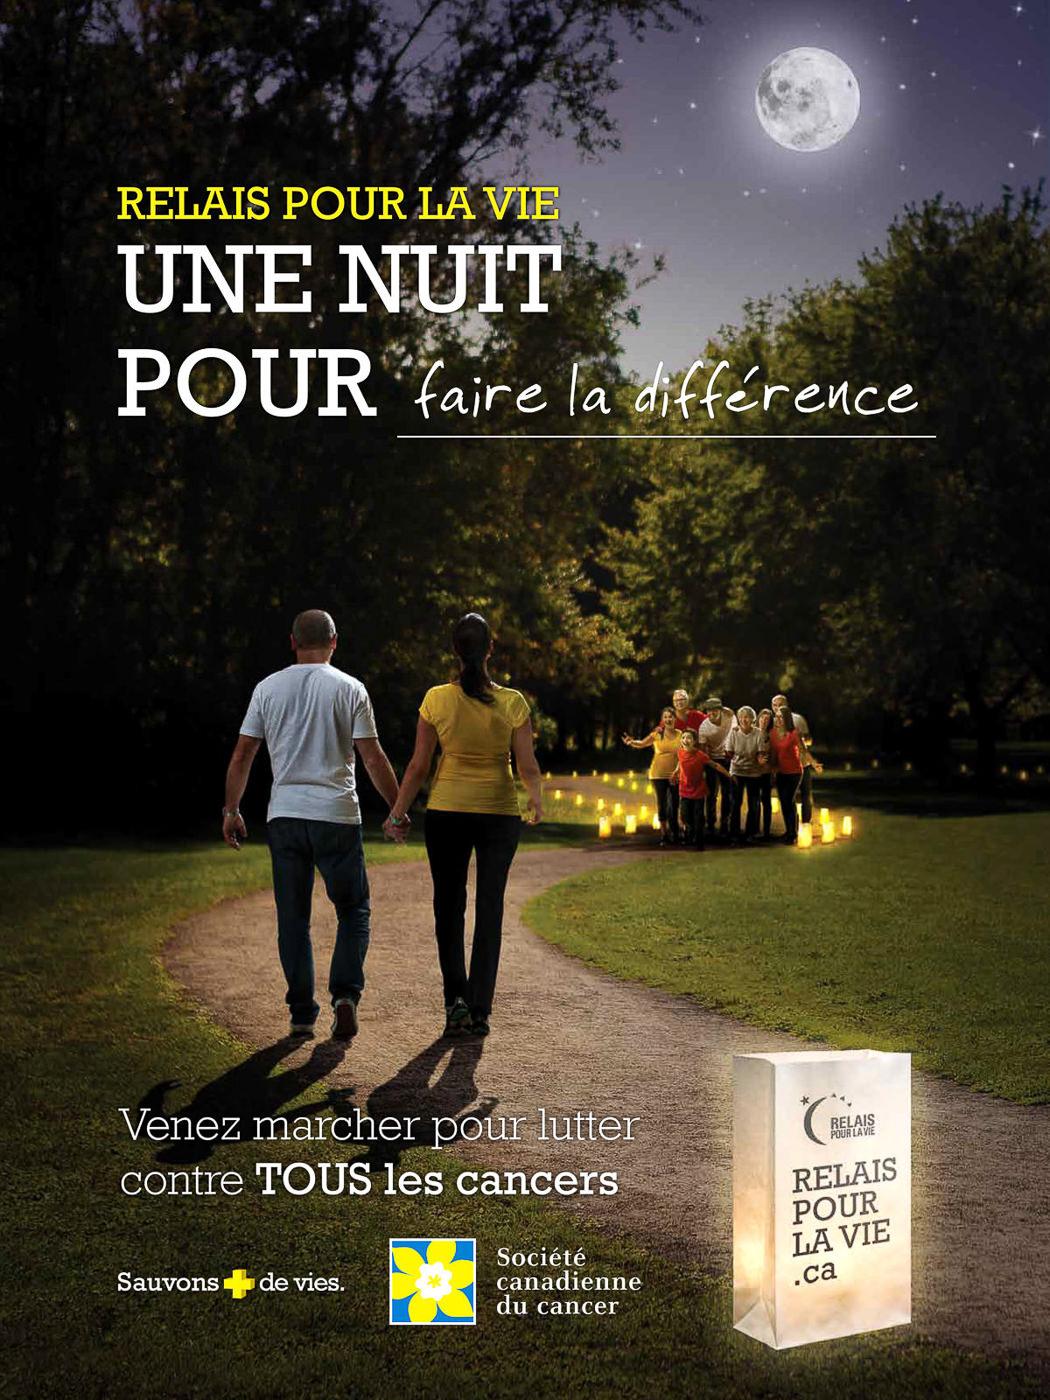 Affiche du relais pour la vie de la société canadienne du cancer